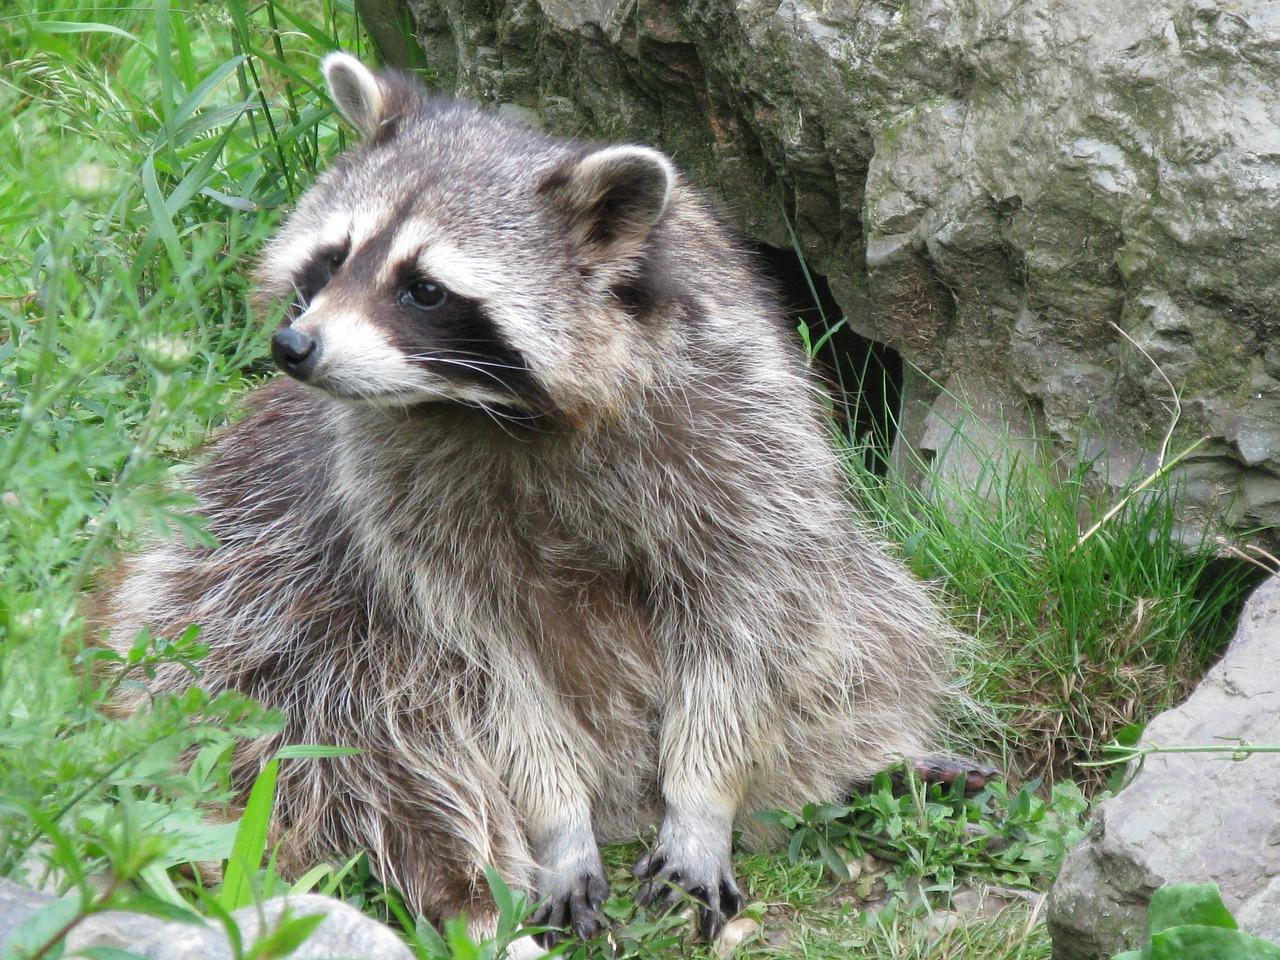 представлен северная америка картинки животный мир популярность обусловлена